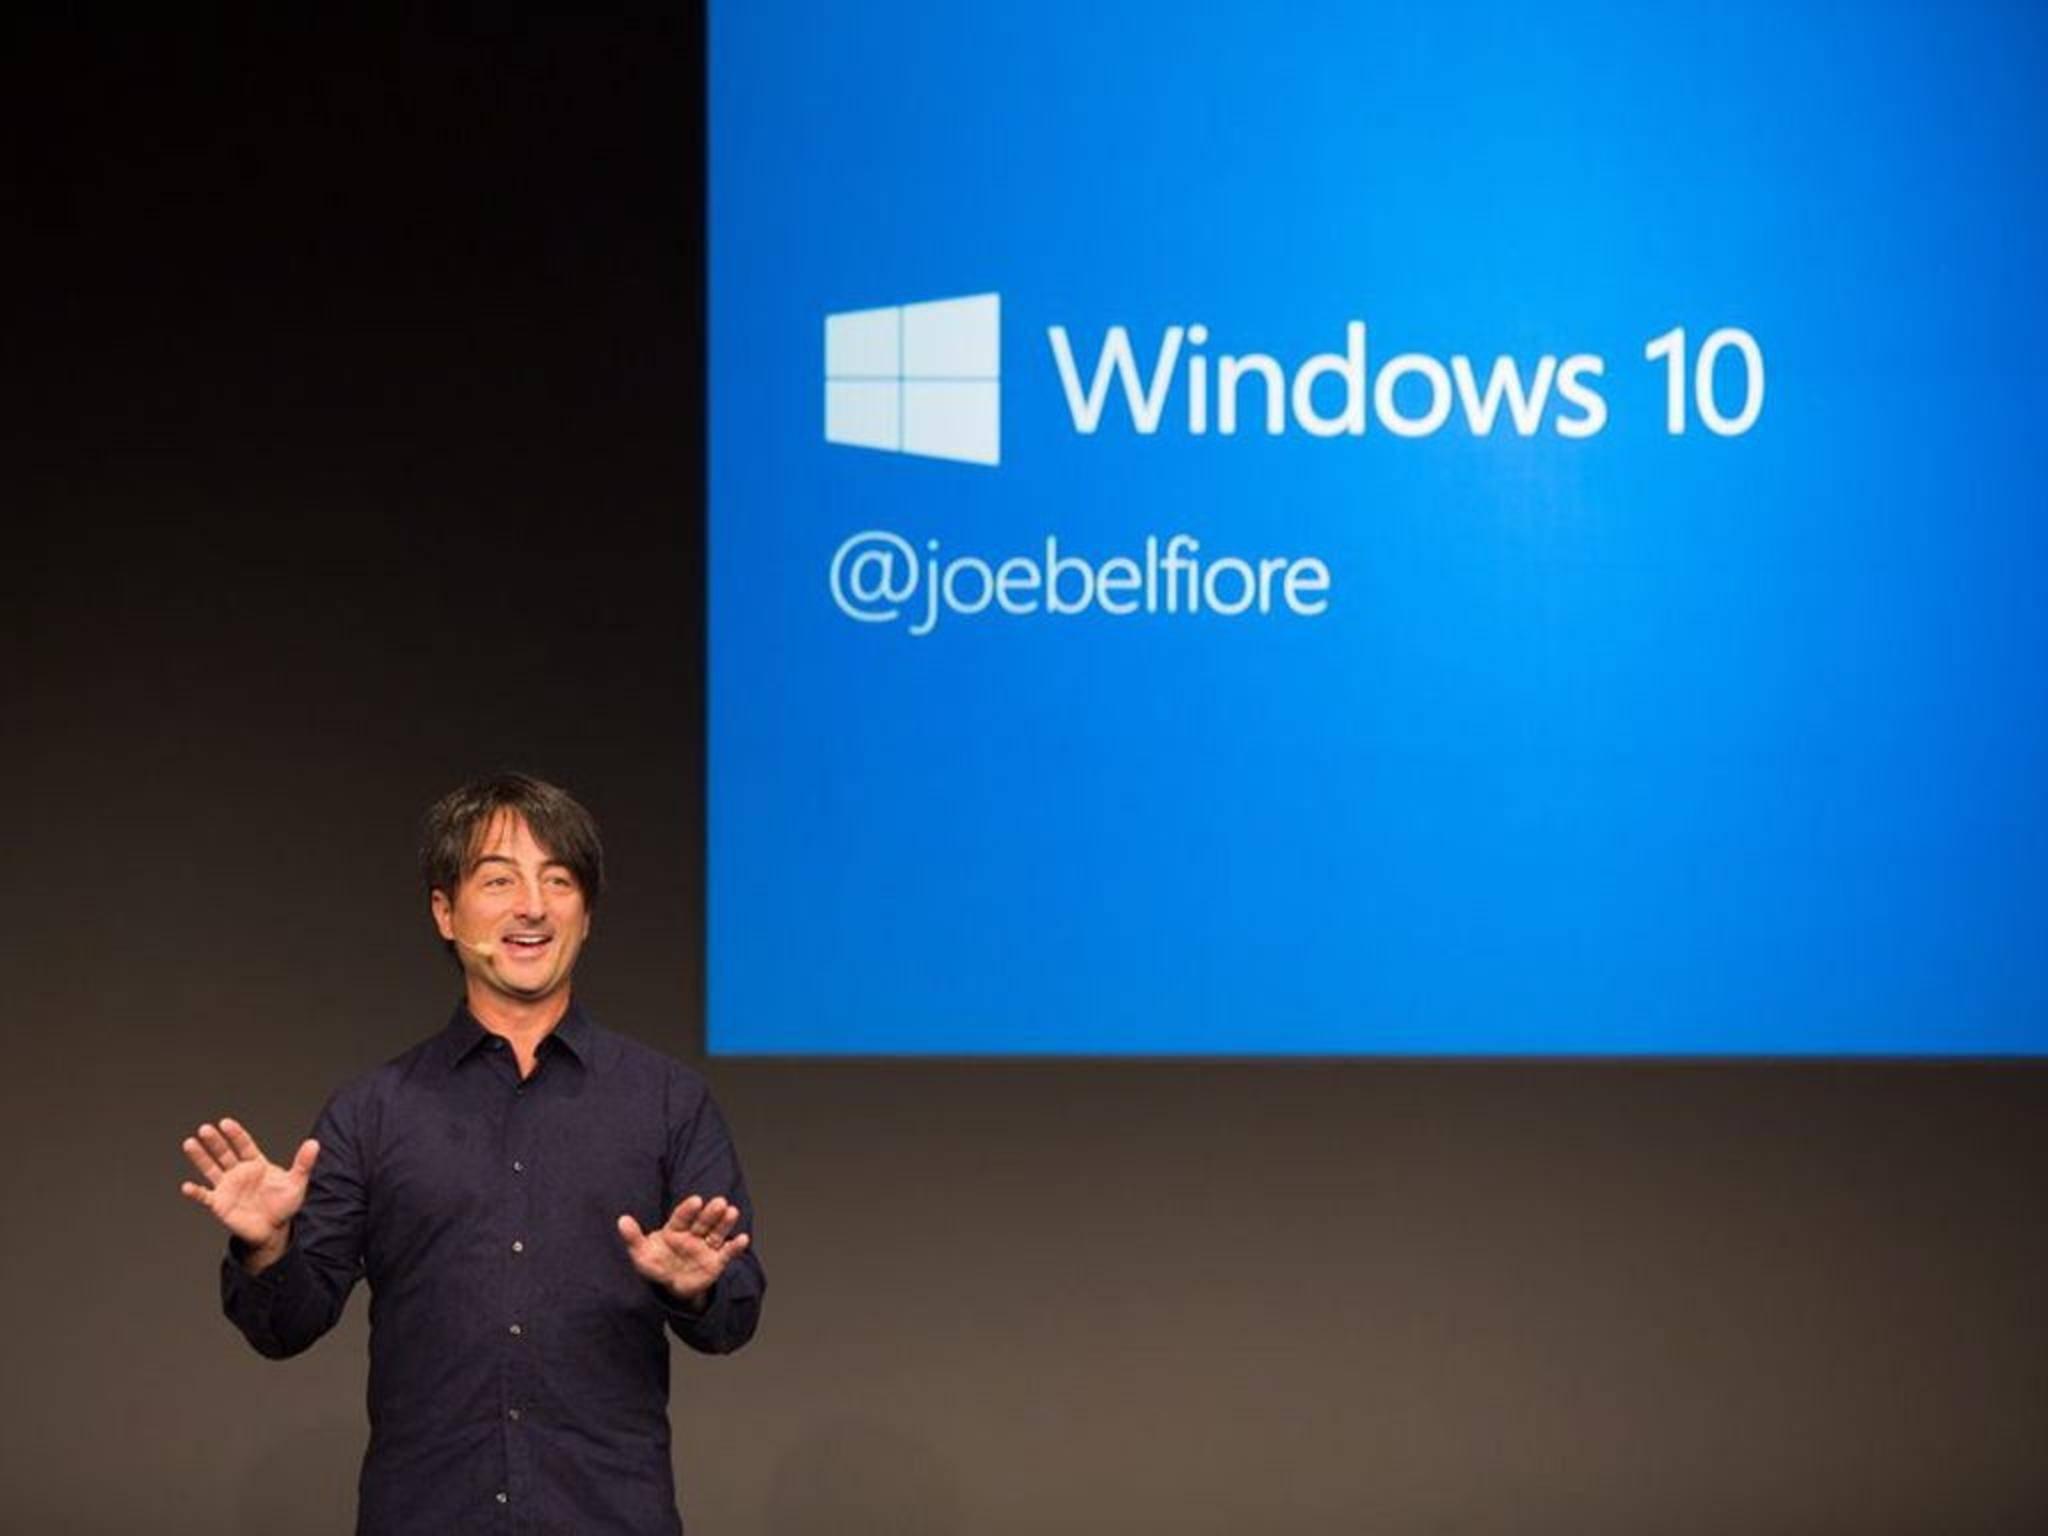 Windows 10 bringt einen neuen Microsoft-Browser mit.